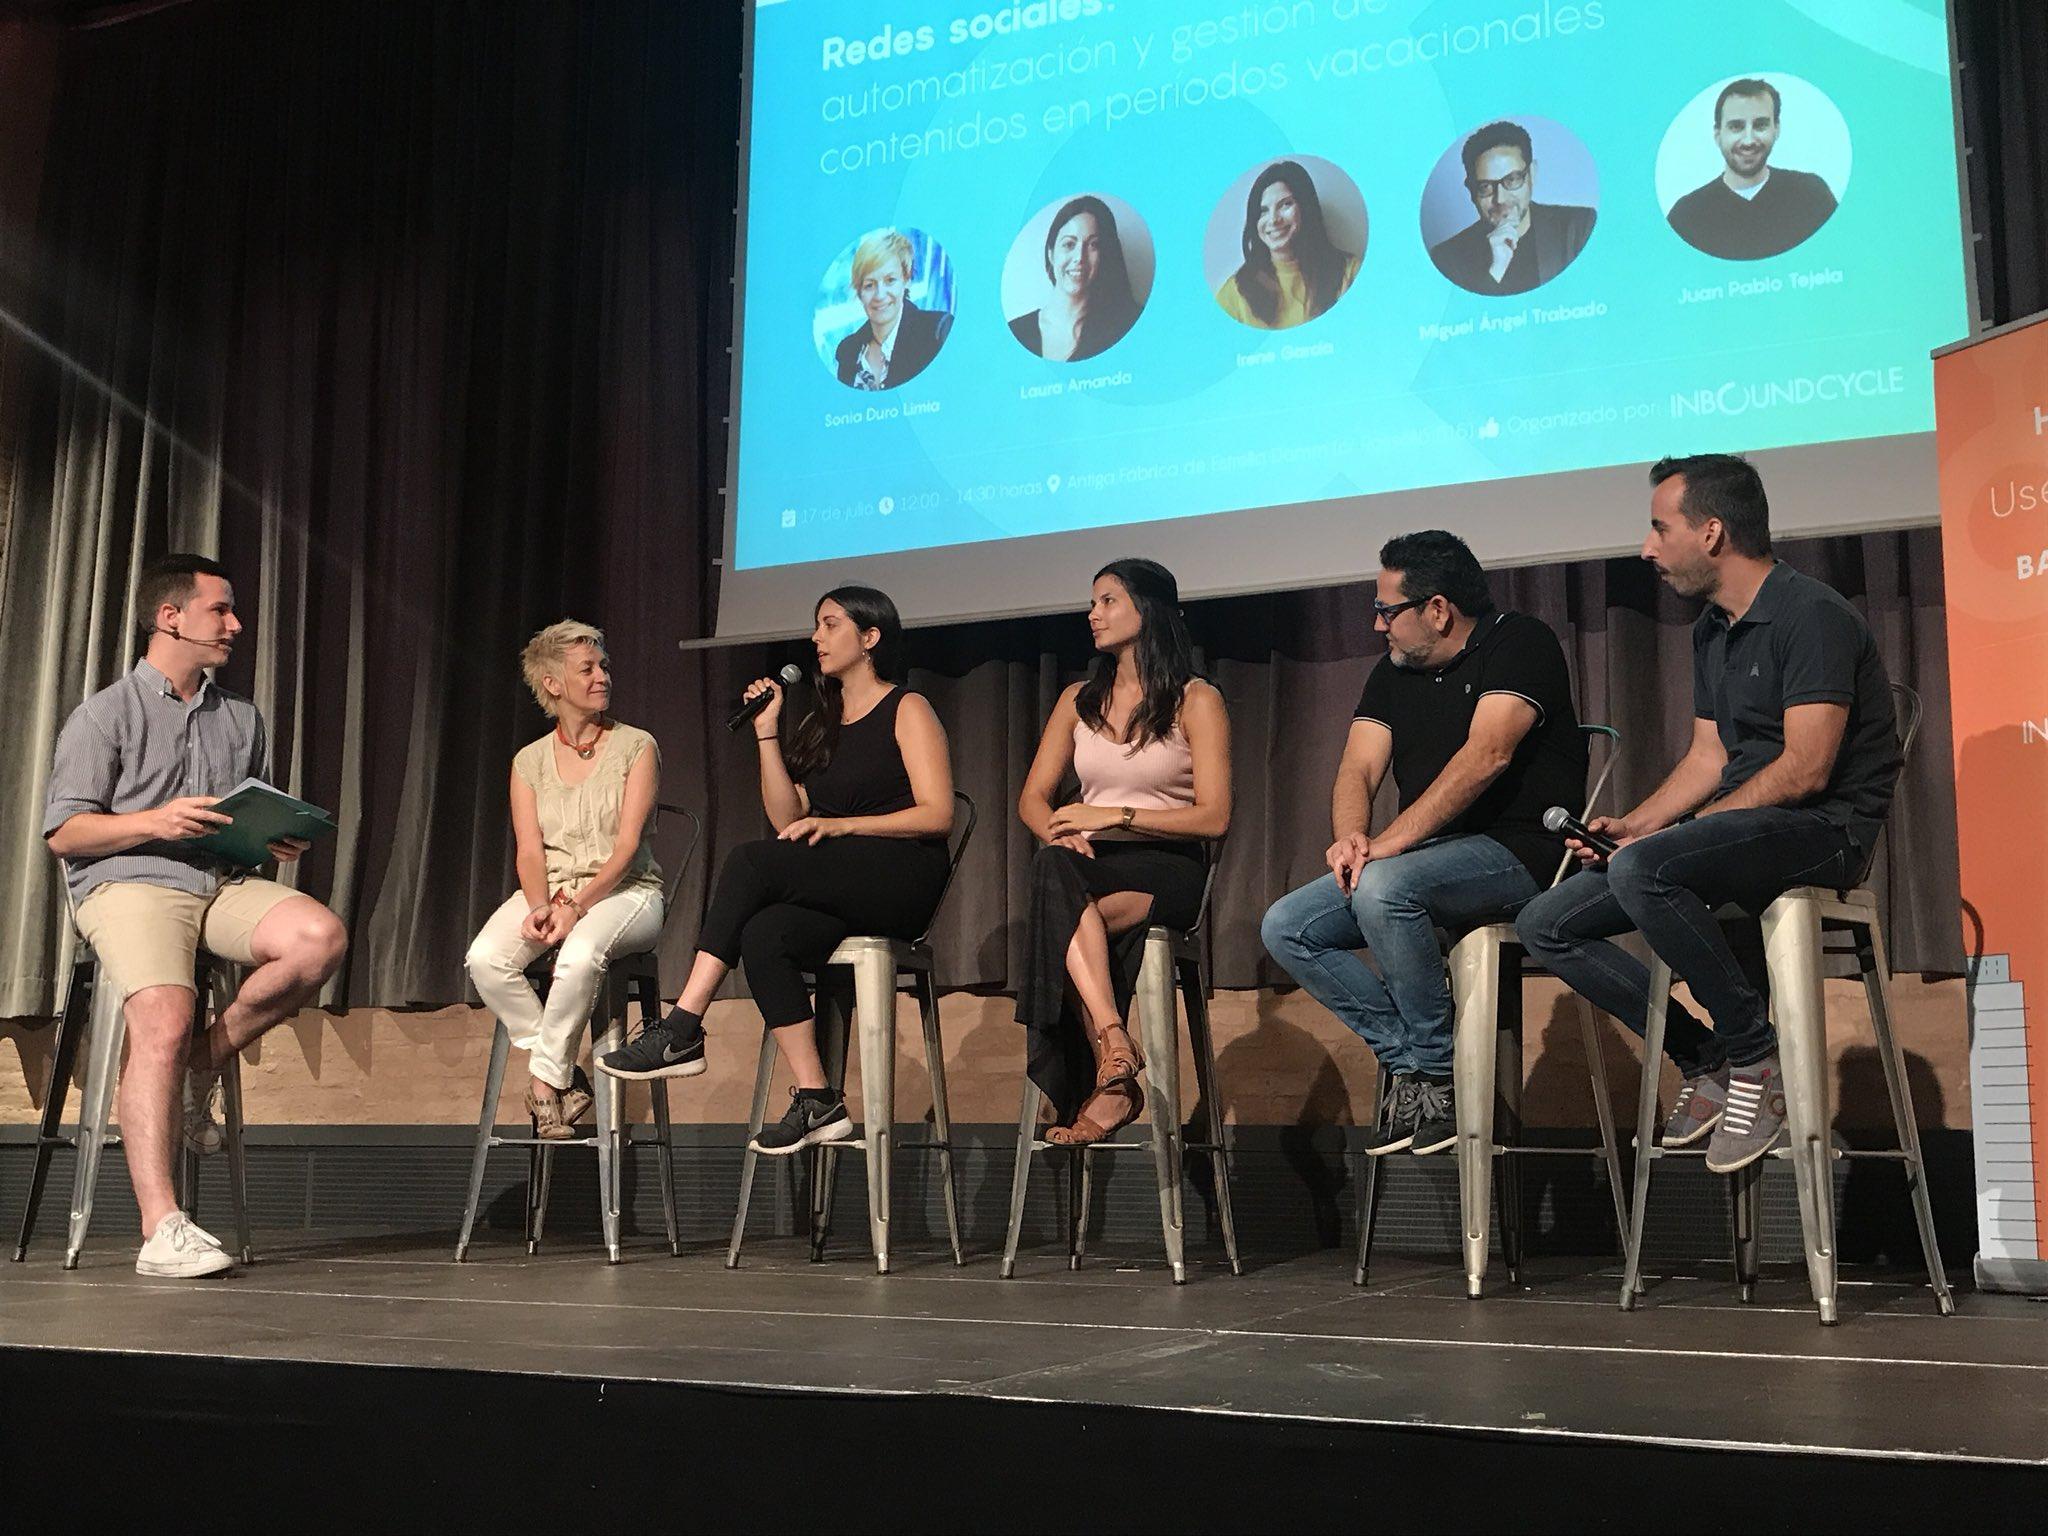 Más de 70 personas se dan cita en el último Barcelona HubSpot User Group sobre redes socialesorganizado por InboundCycle